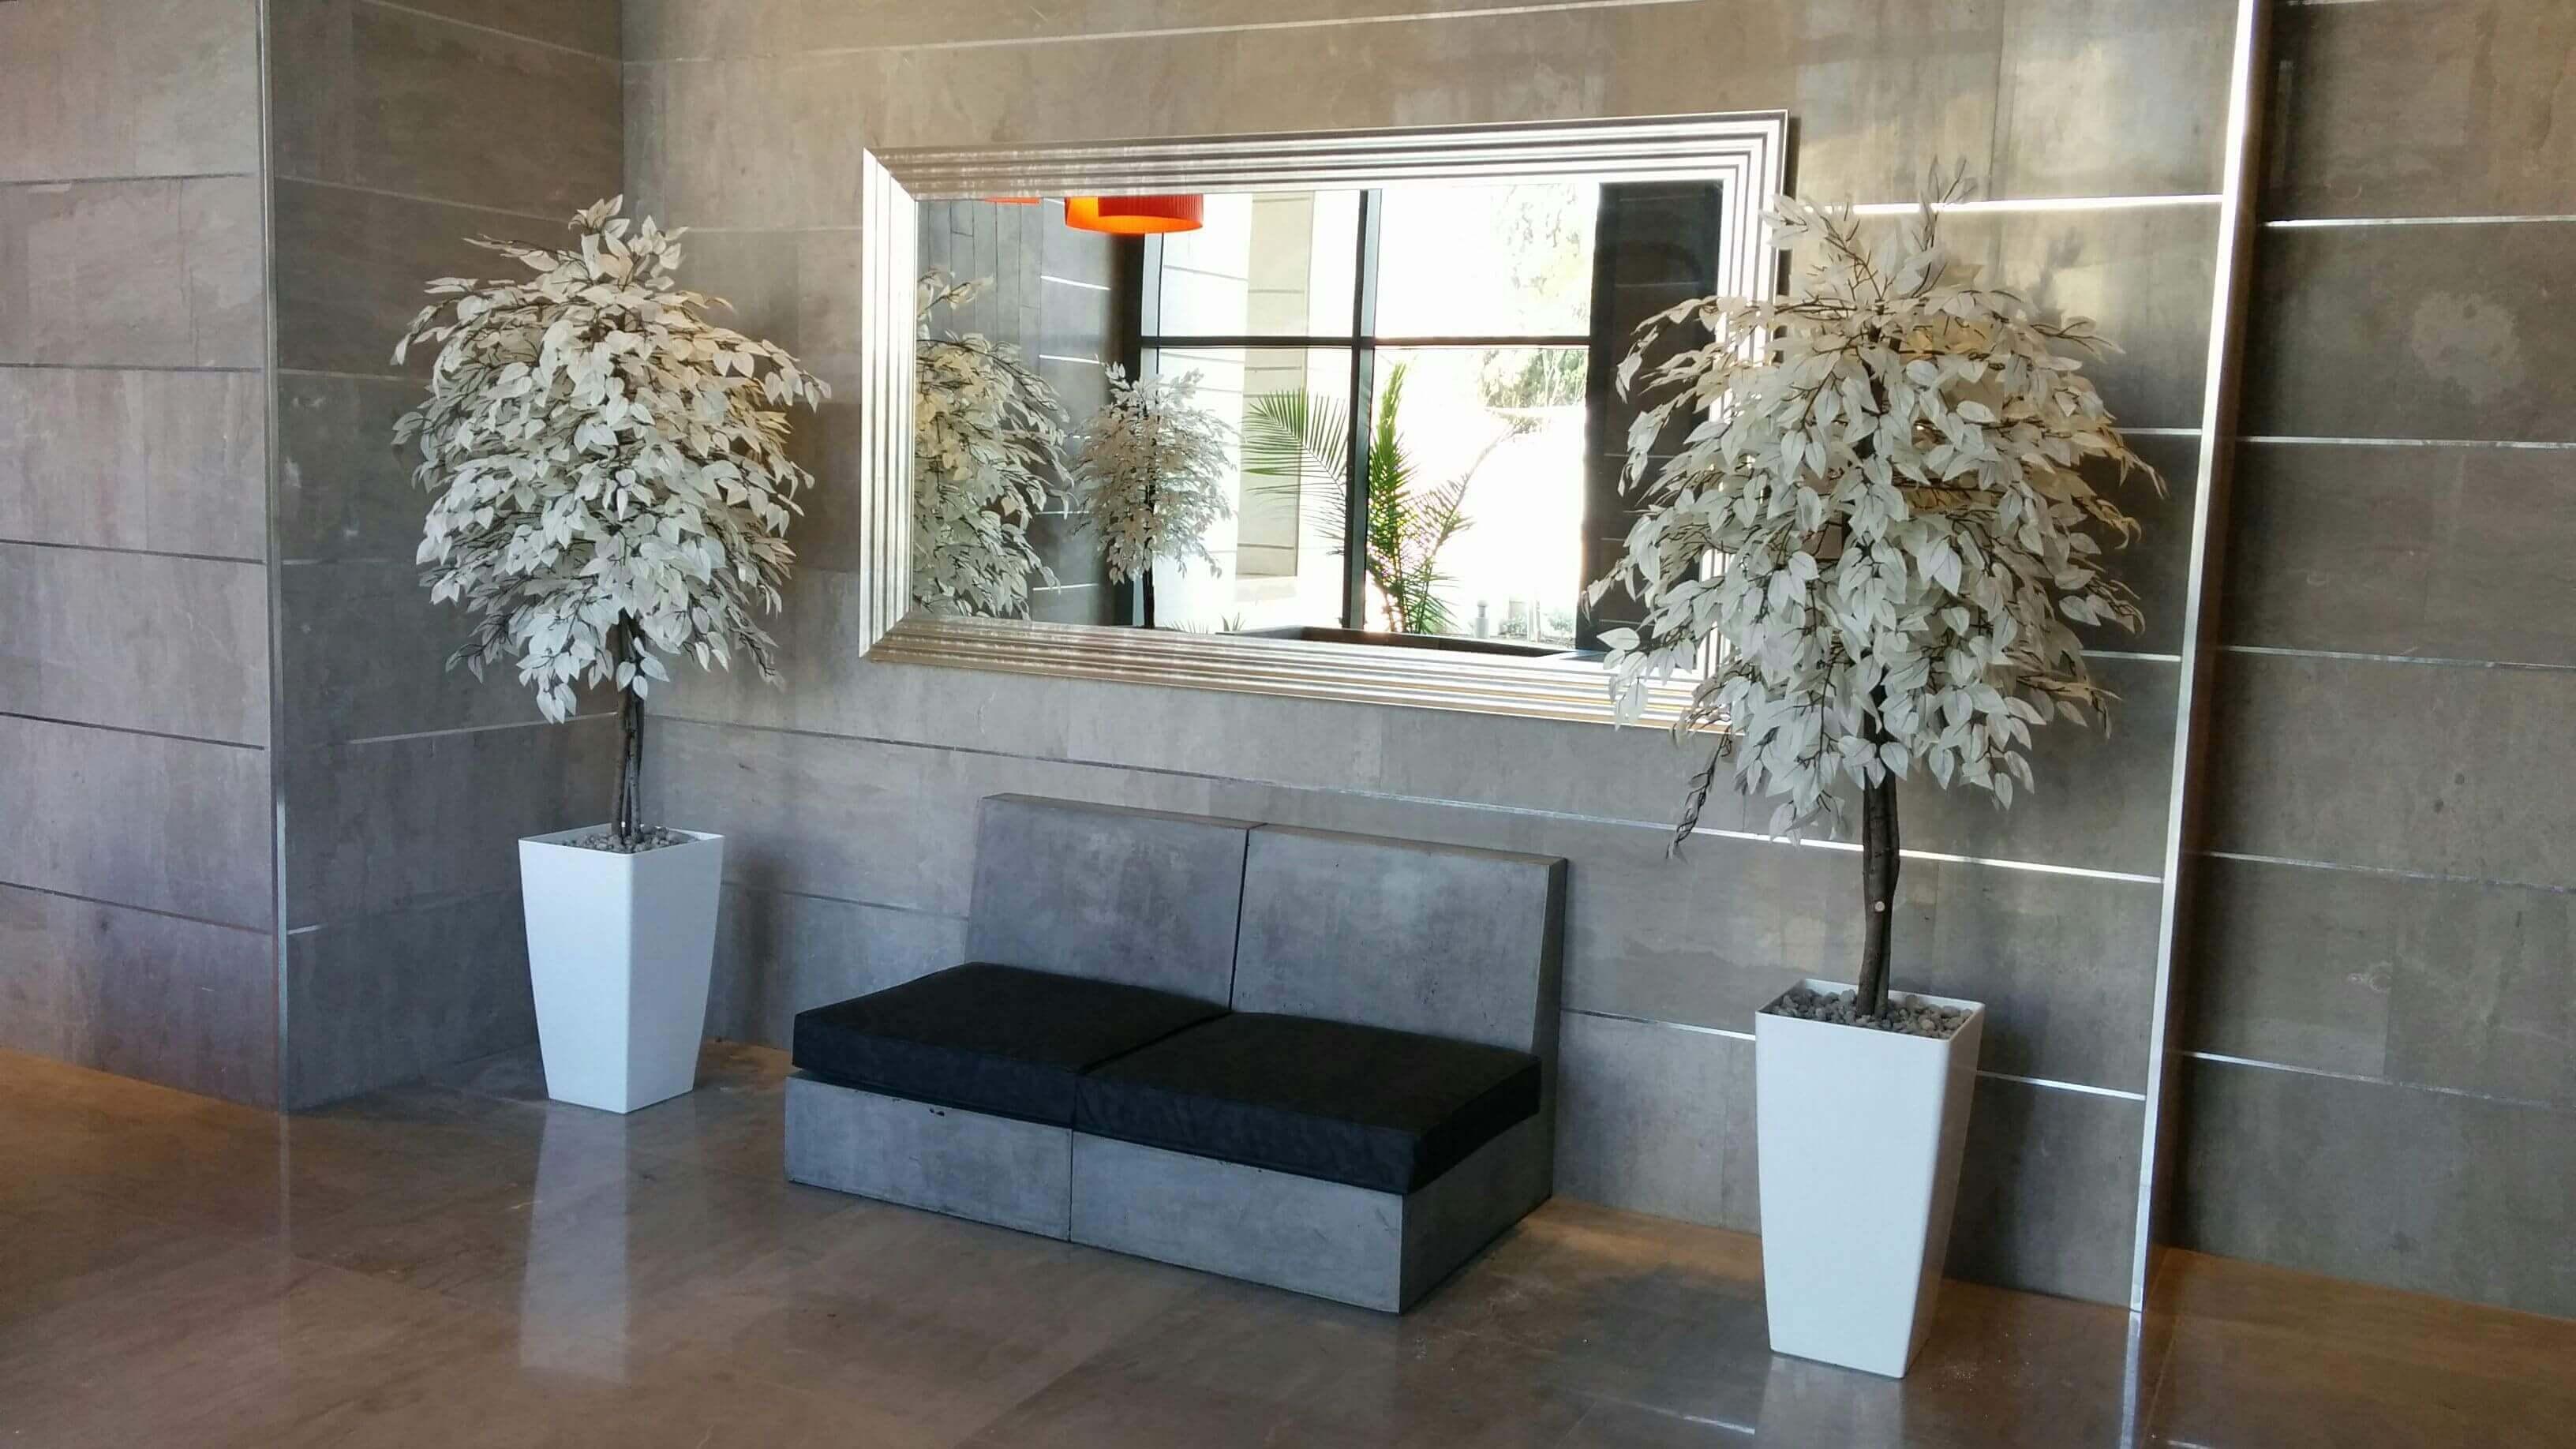 עיצוב לובי על ידי עצים לבנים בהוד השרון